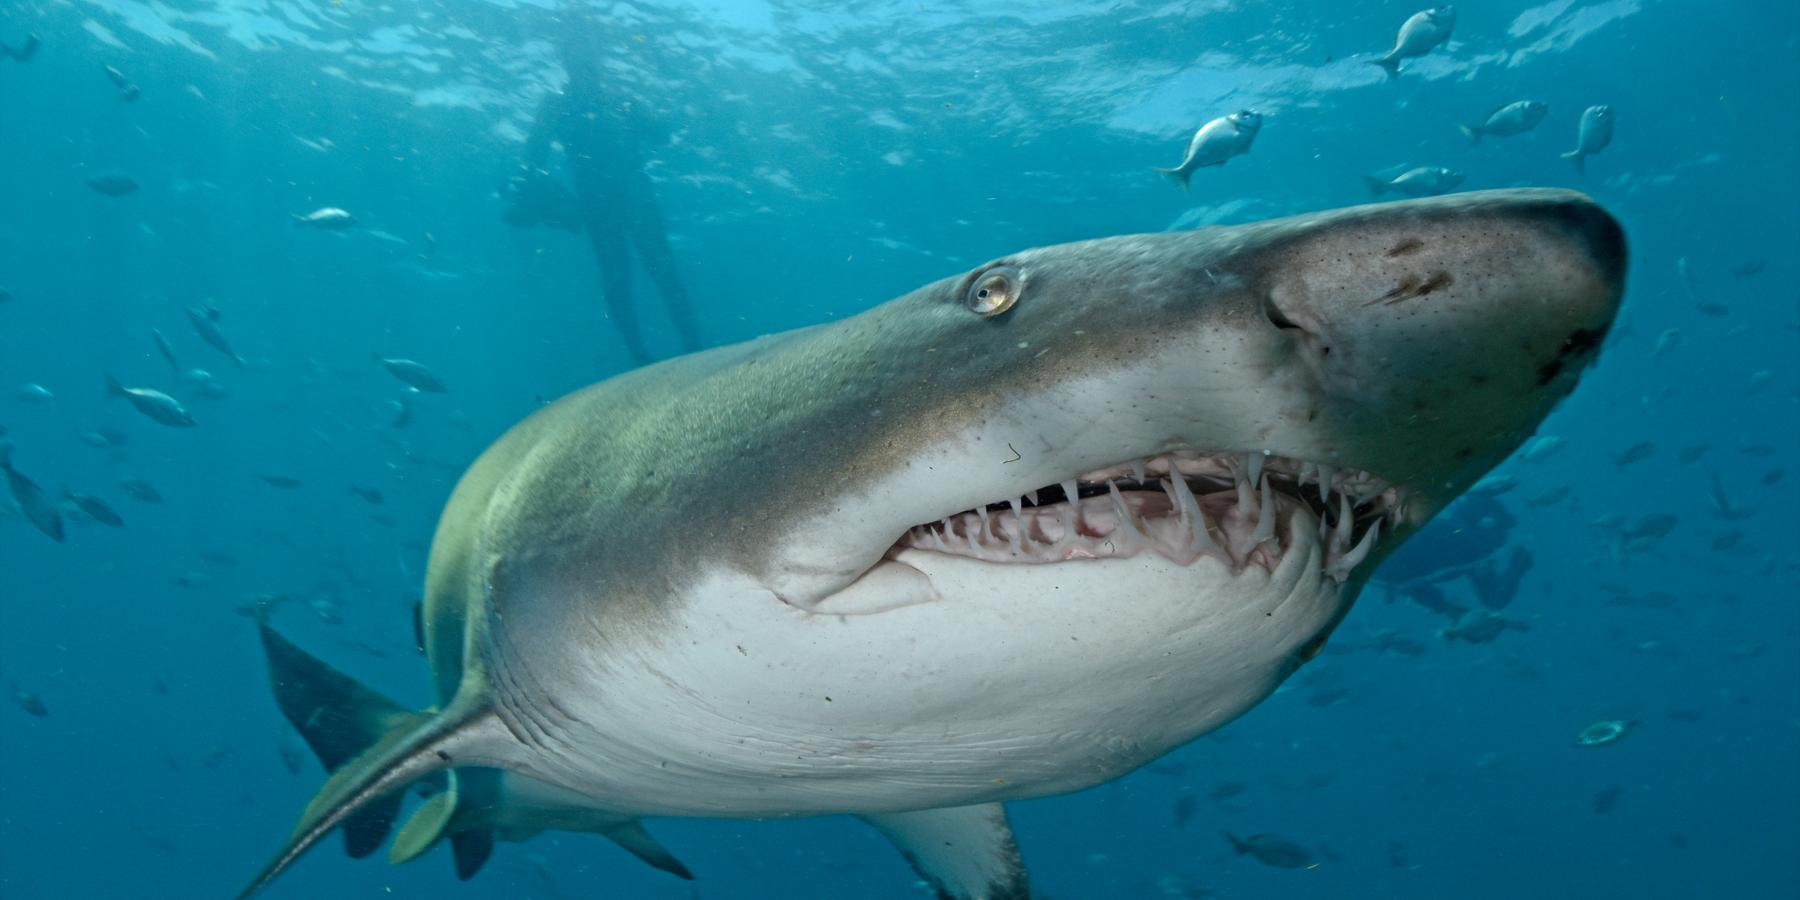 requins taureauxb - Vidéo : concentration exceptionnelle de requins taureaux en Afrique du Sud